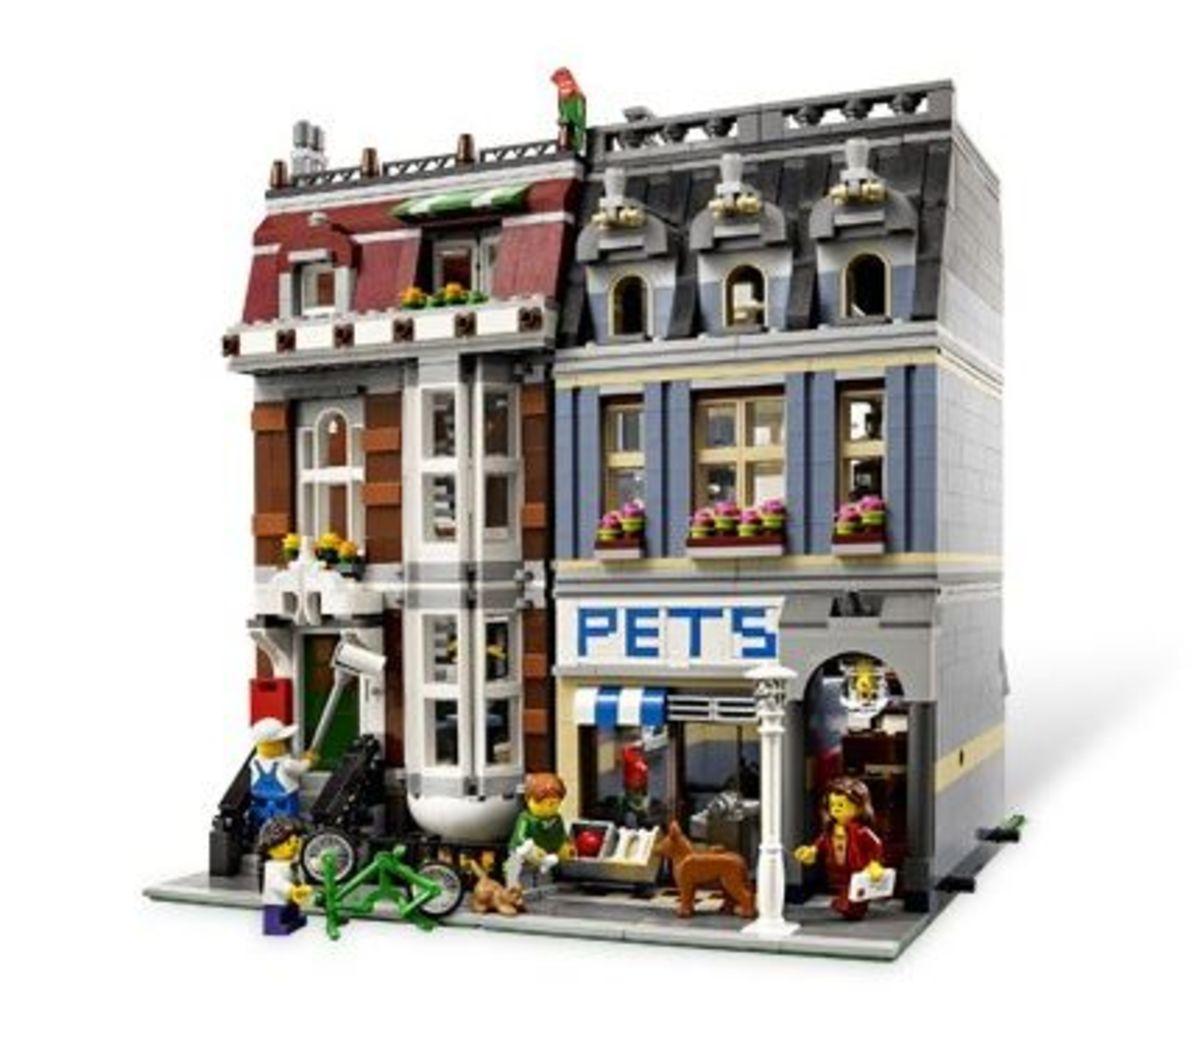 Pet Shop (10218) Released 2011. 2,014 pieces!